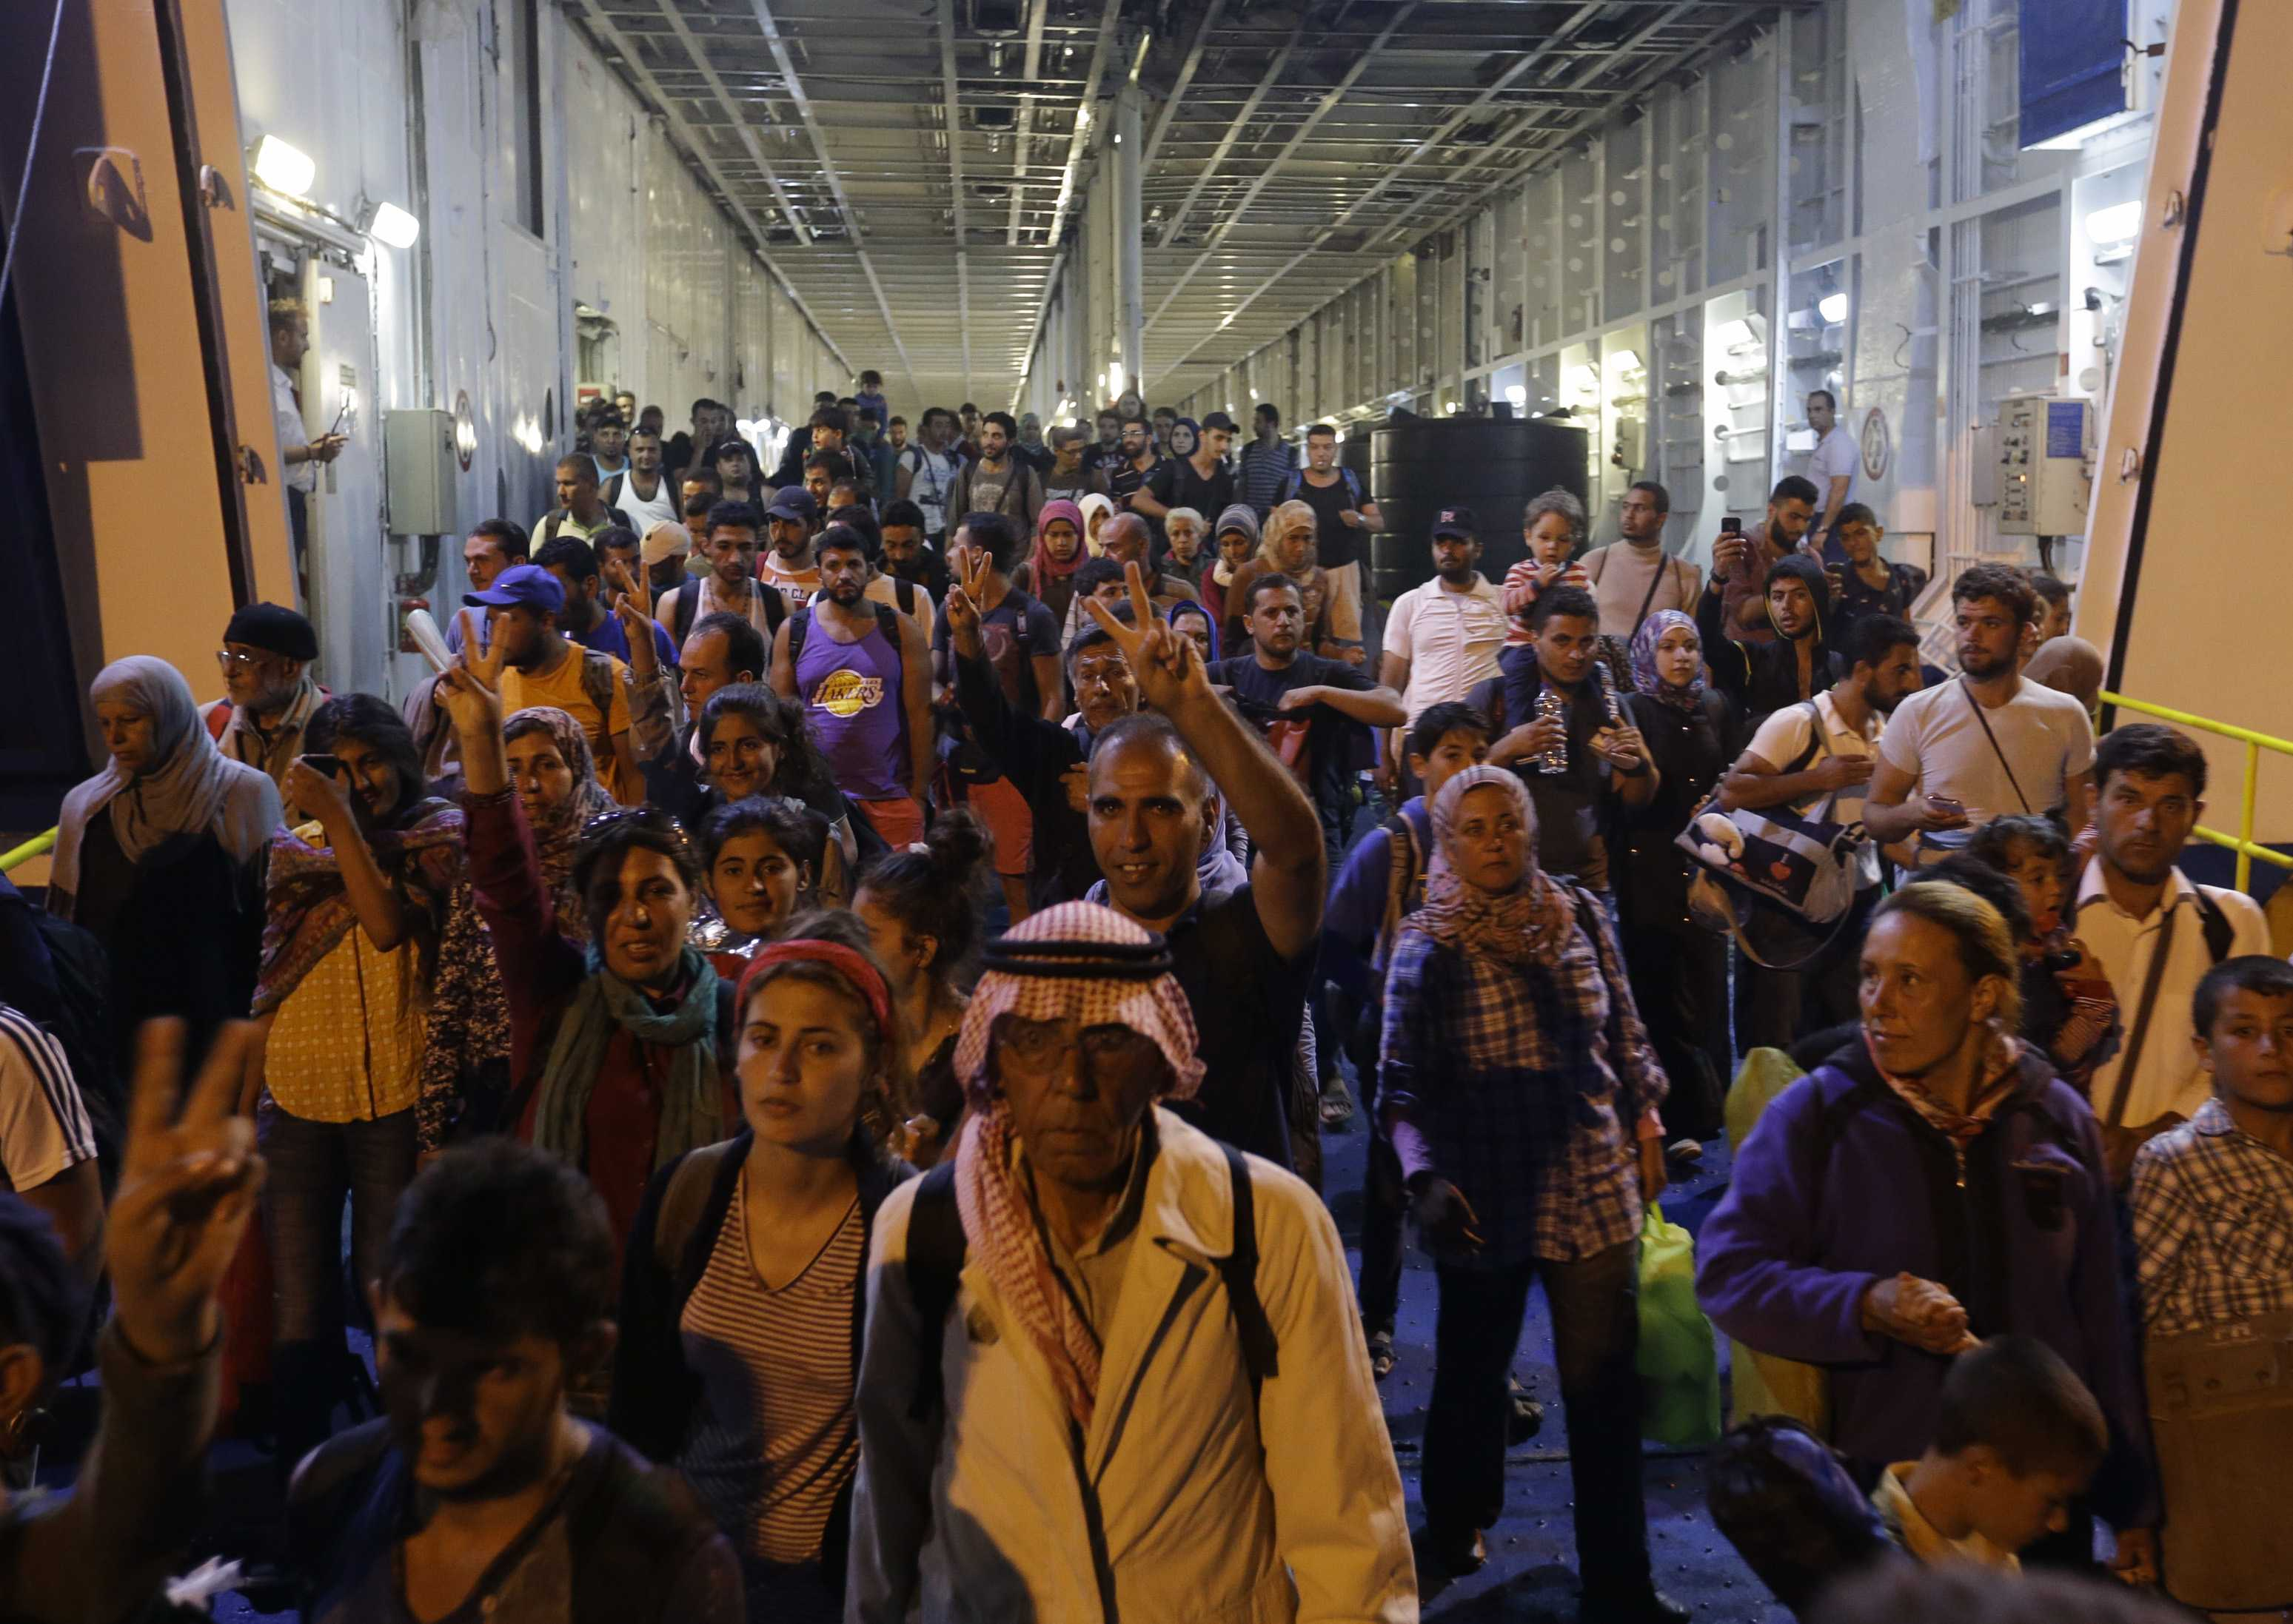 """VOM AVEA MULT HAOS DIN CAUZA REFUGIATILOR: <i>""""Mă tem că pentru România problemele vor fi insurmontabile""""</i>/ ARHITECTII NOULUI HAOS PLANETAR/ Penibila razgandeala """"nemteasca"""" a presedintelui Iohannis pe tema primirii imigrantilor (VIDEO)/ Medic sirian din Cluj: <i>""""ACESTE PLECARI SUNT COMANDATE, SUNT FAVORIZATE, SUNT FINANTATE de cineva care are interes de a exercita presiuni asupra Europei""""</i>"""